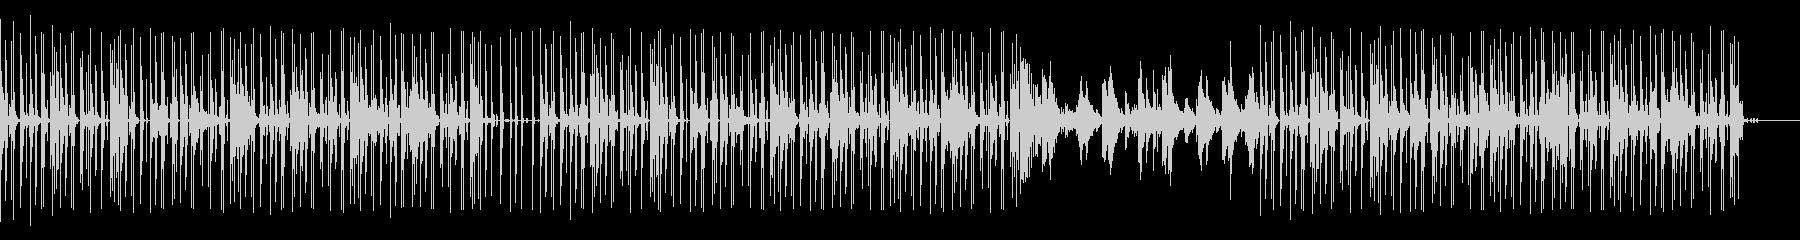 シンセとギターを使ったグリッチ風ポップの未再生の波形